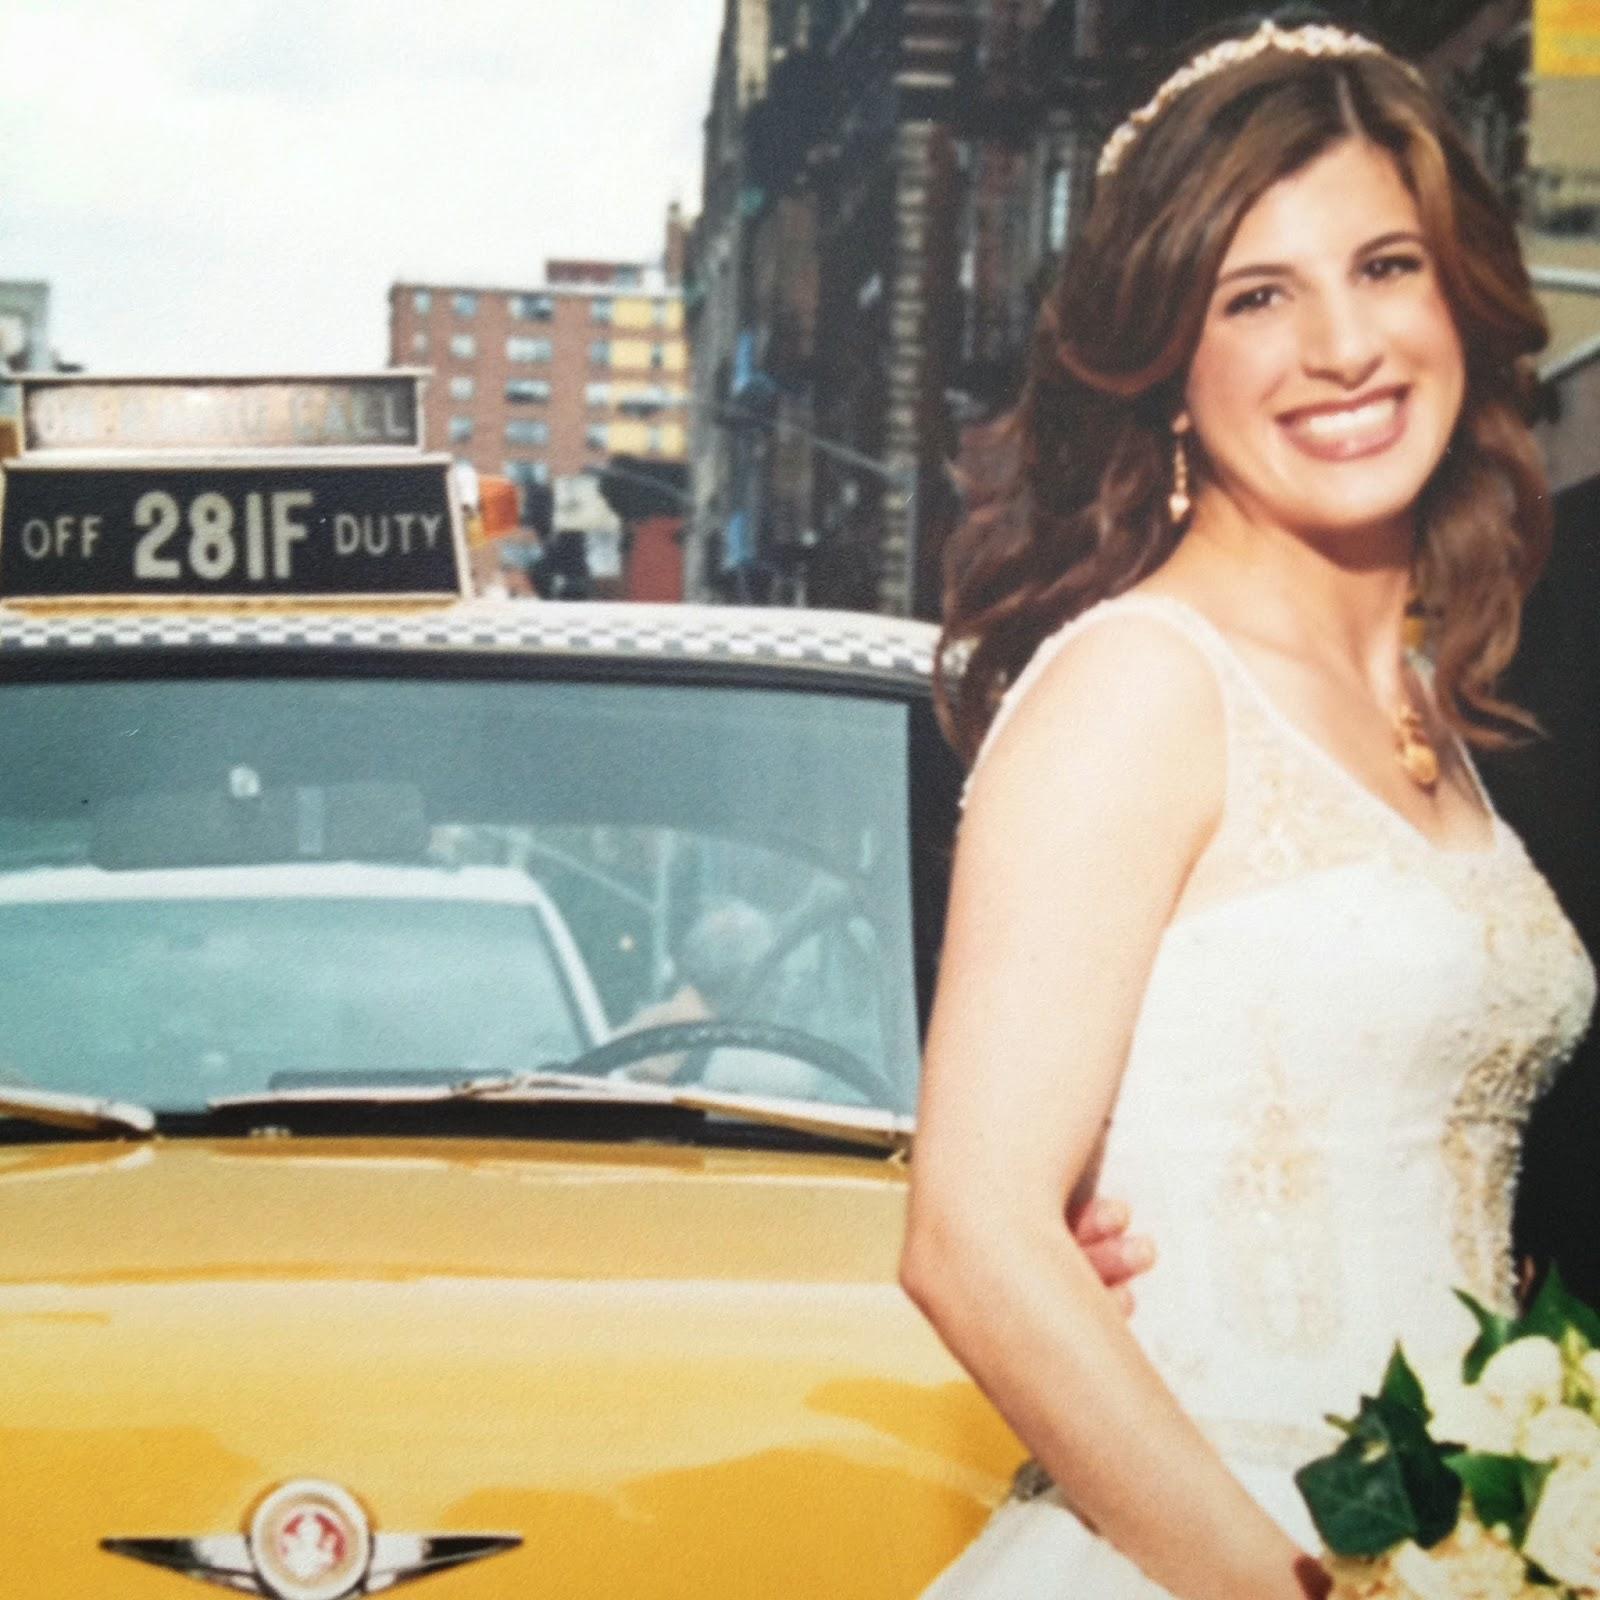 alyssa hertzig bride